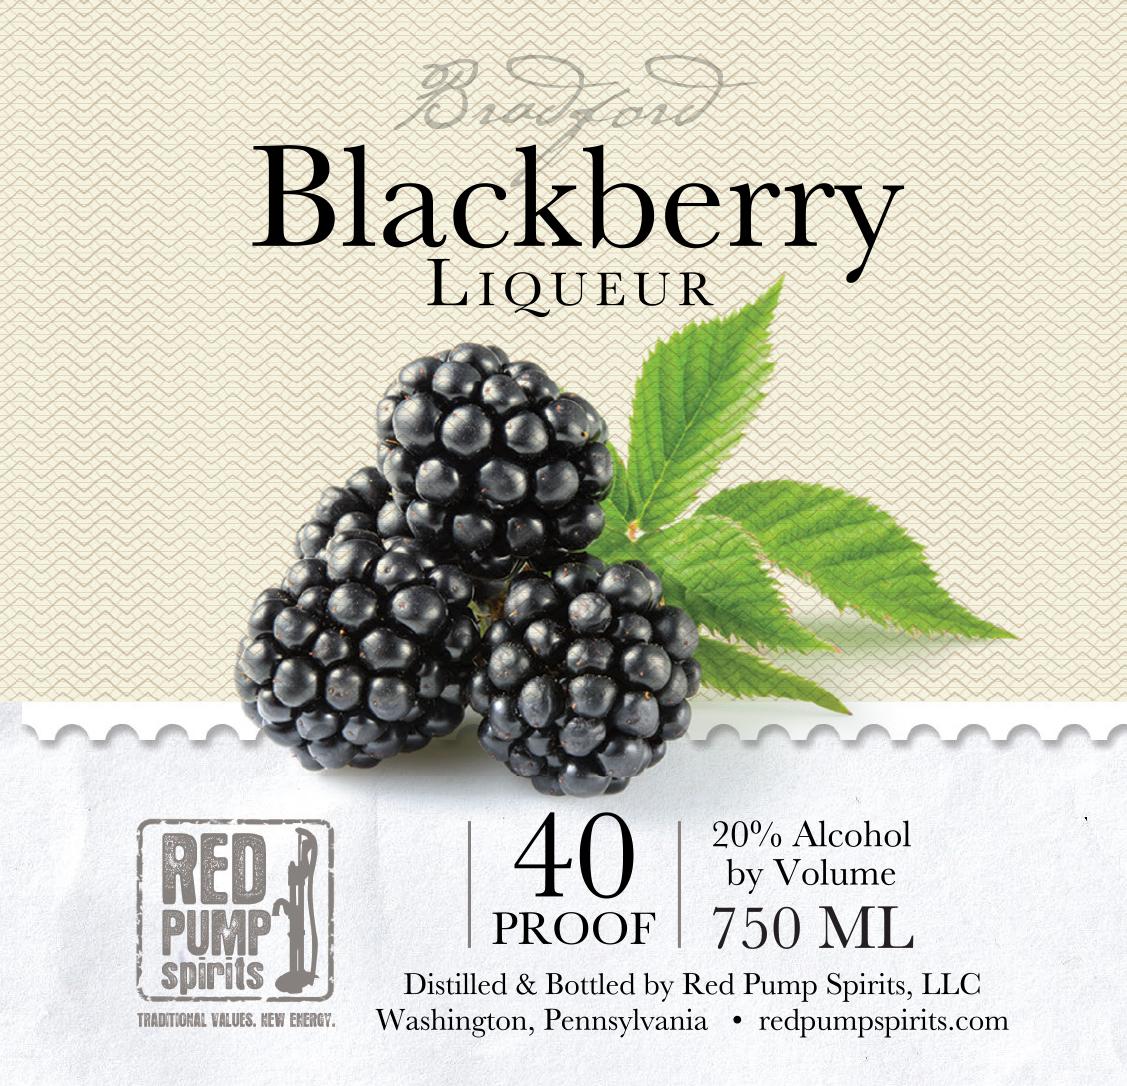 blackberry label.jpg